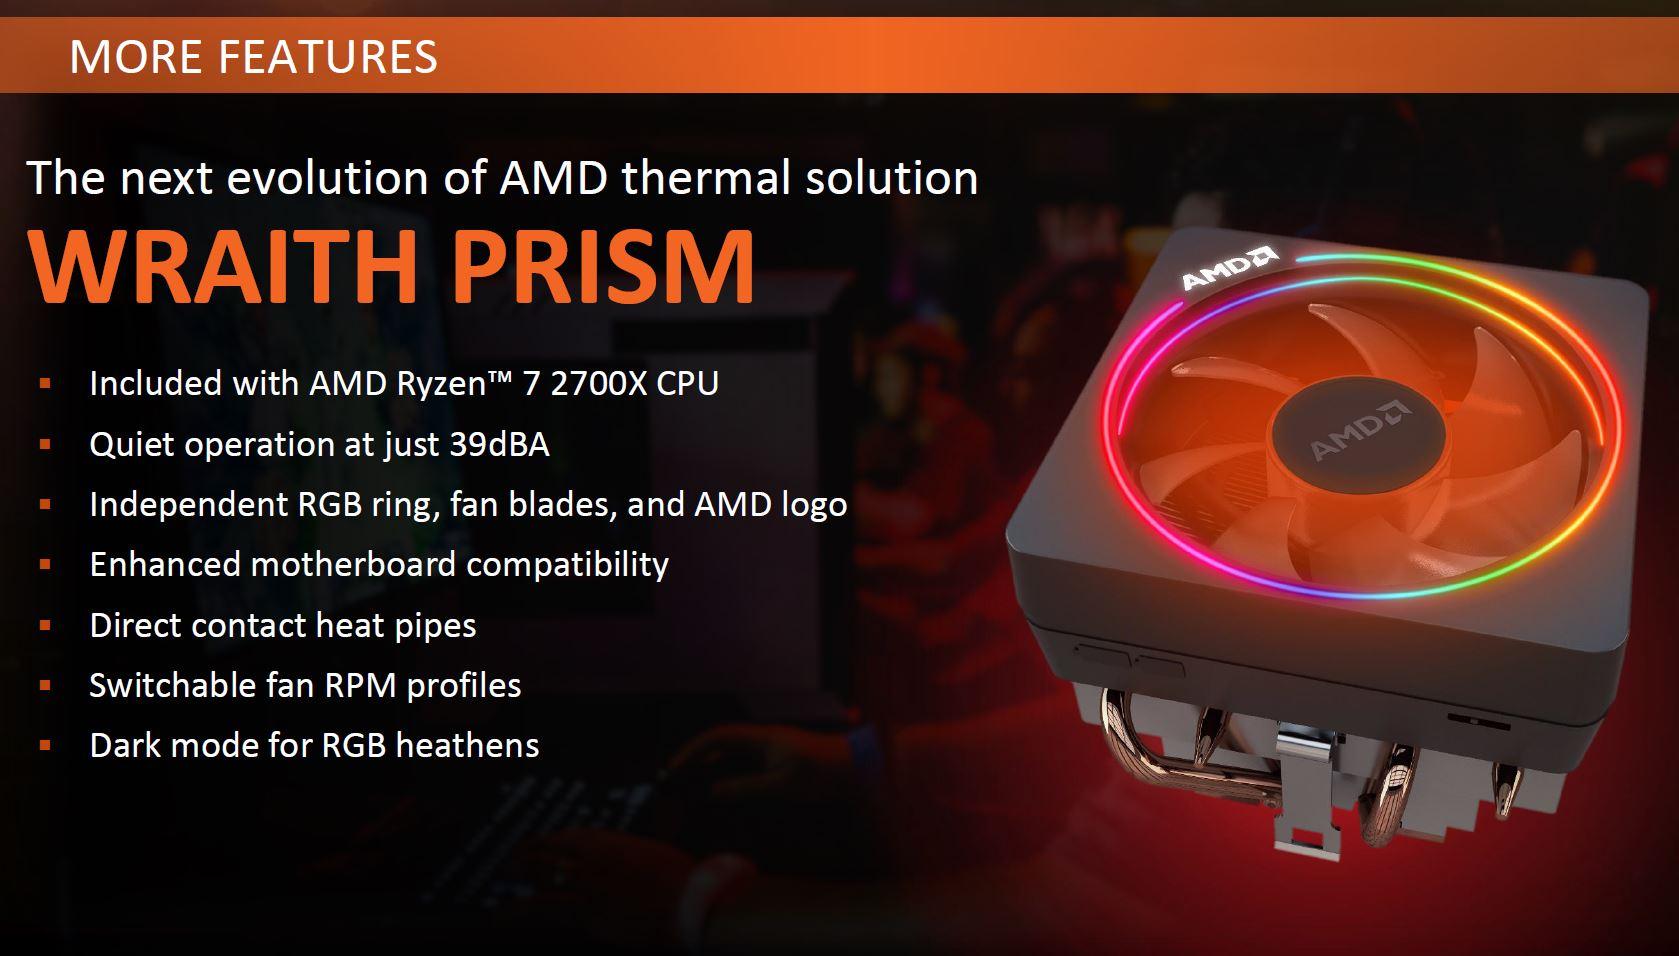 2nd Gen AMD Ryzen 7 2700X Wraith Prism